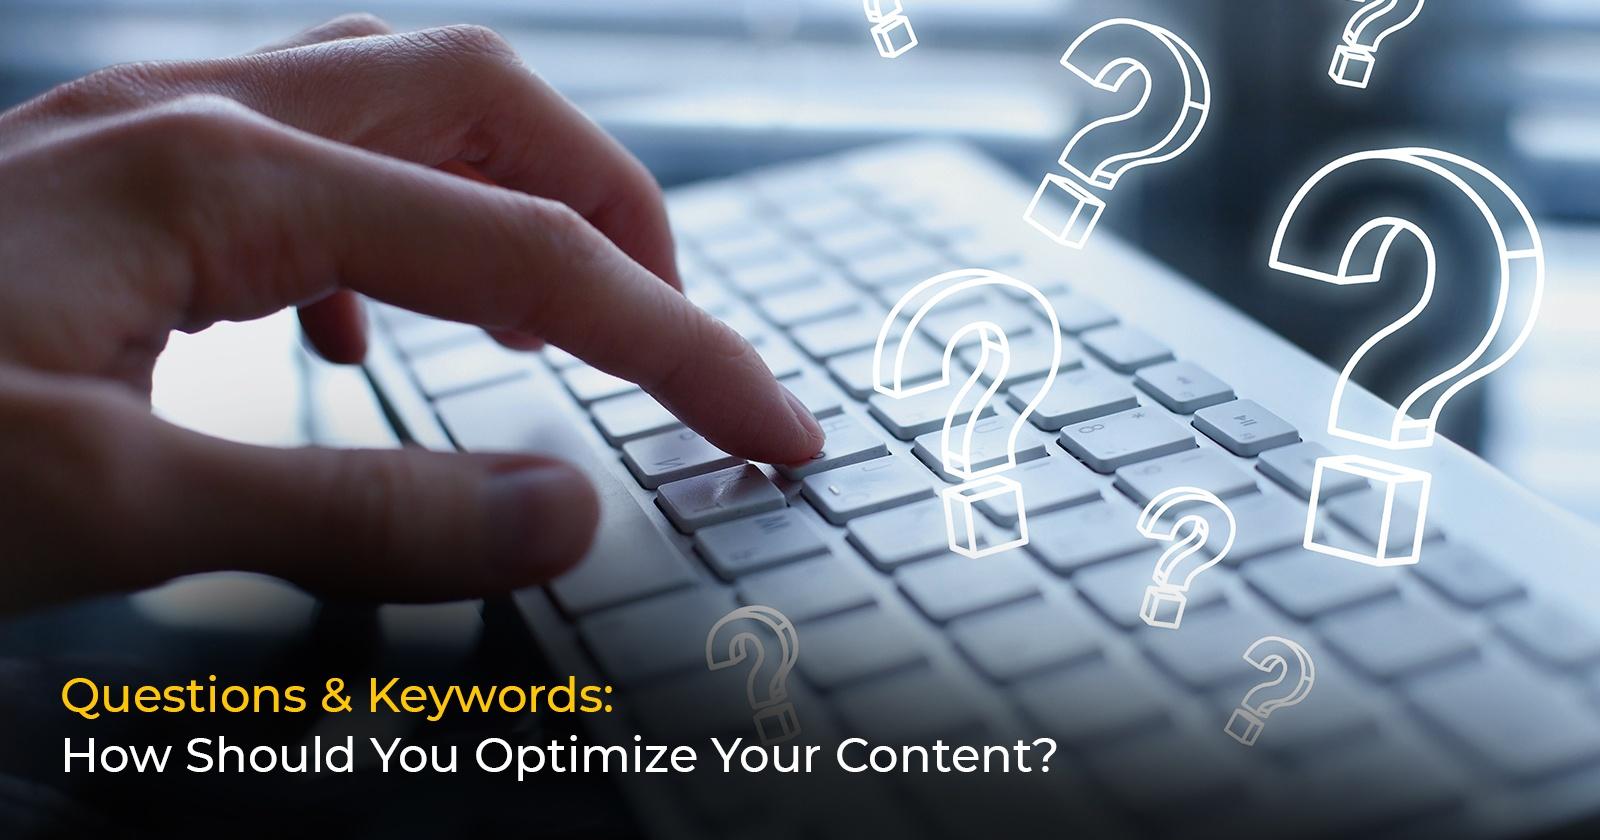 Comment devriez-vous optimiser votre contenu?